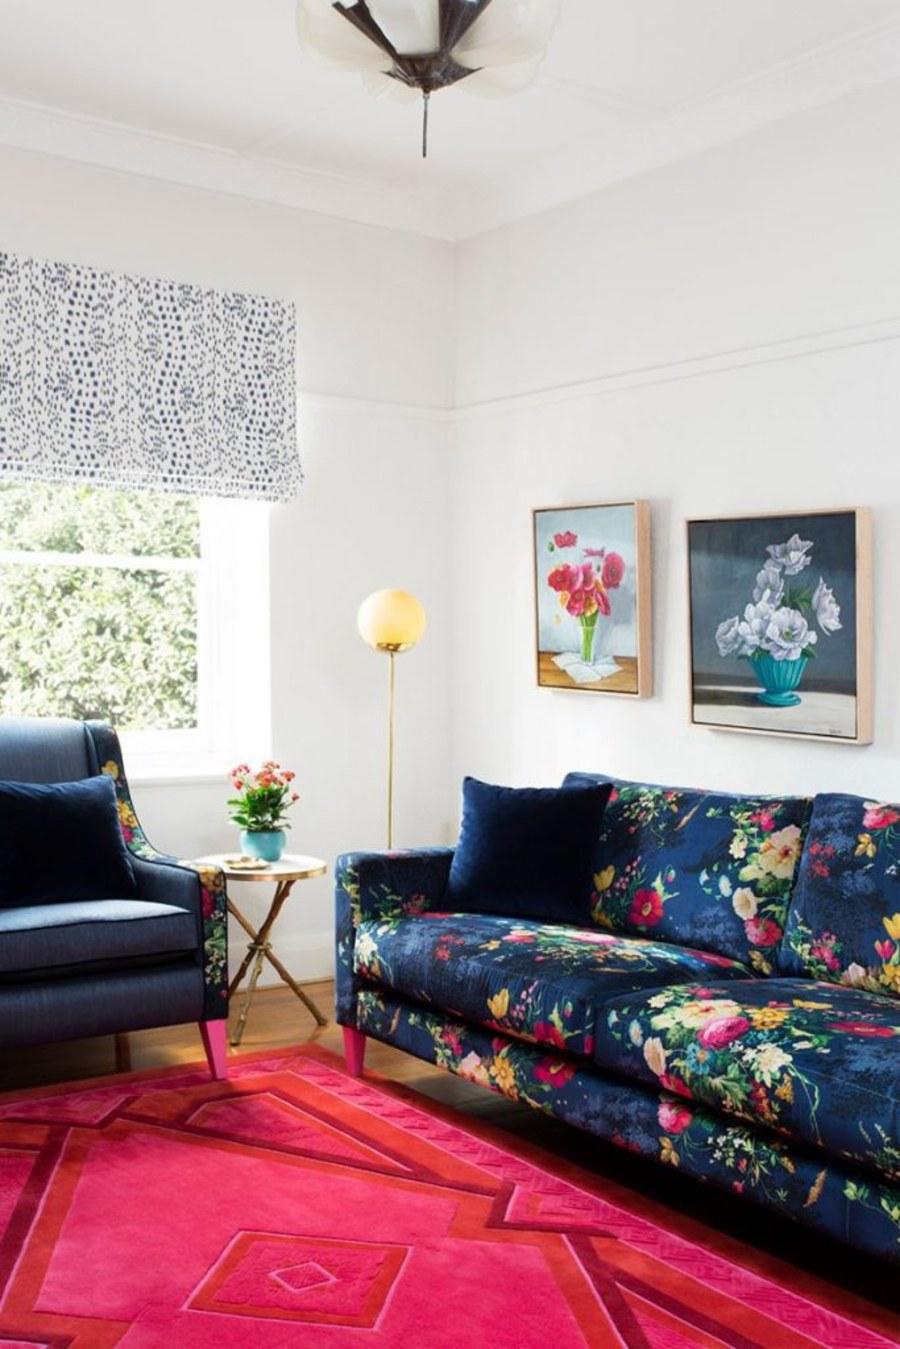 detalle de living estilo grandmillennial con sillón y sofá azul oscuro y estampados floreados junto a ventana con cortina tipo store y cuadros florales